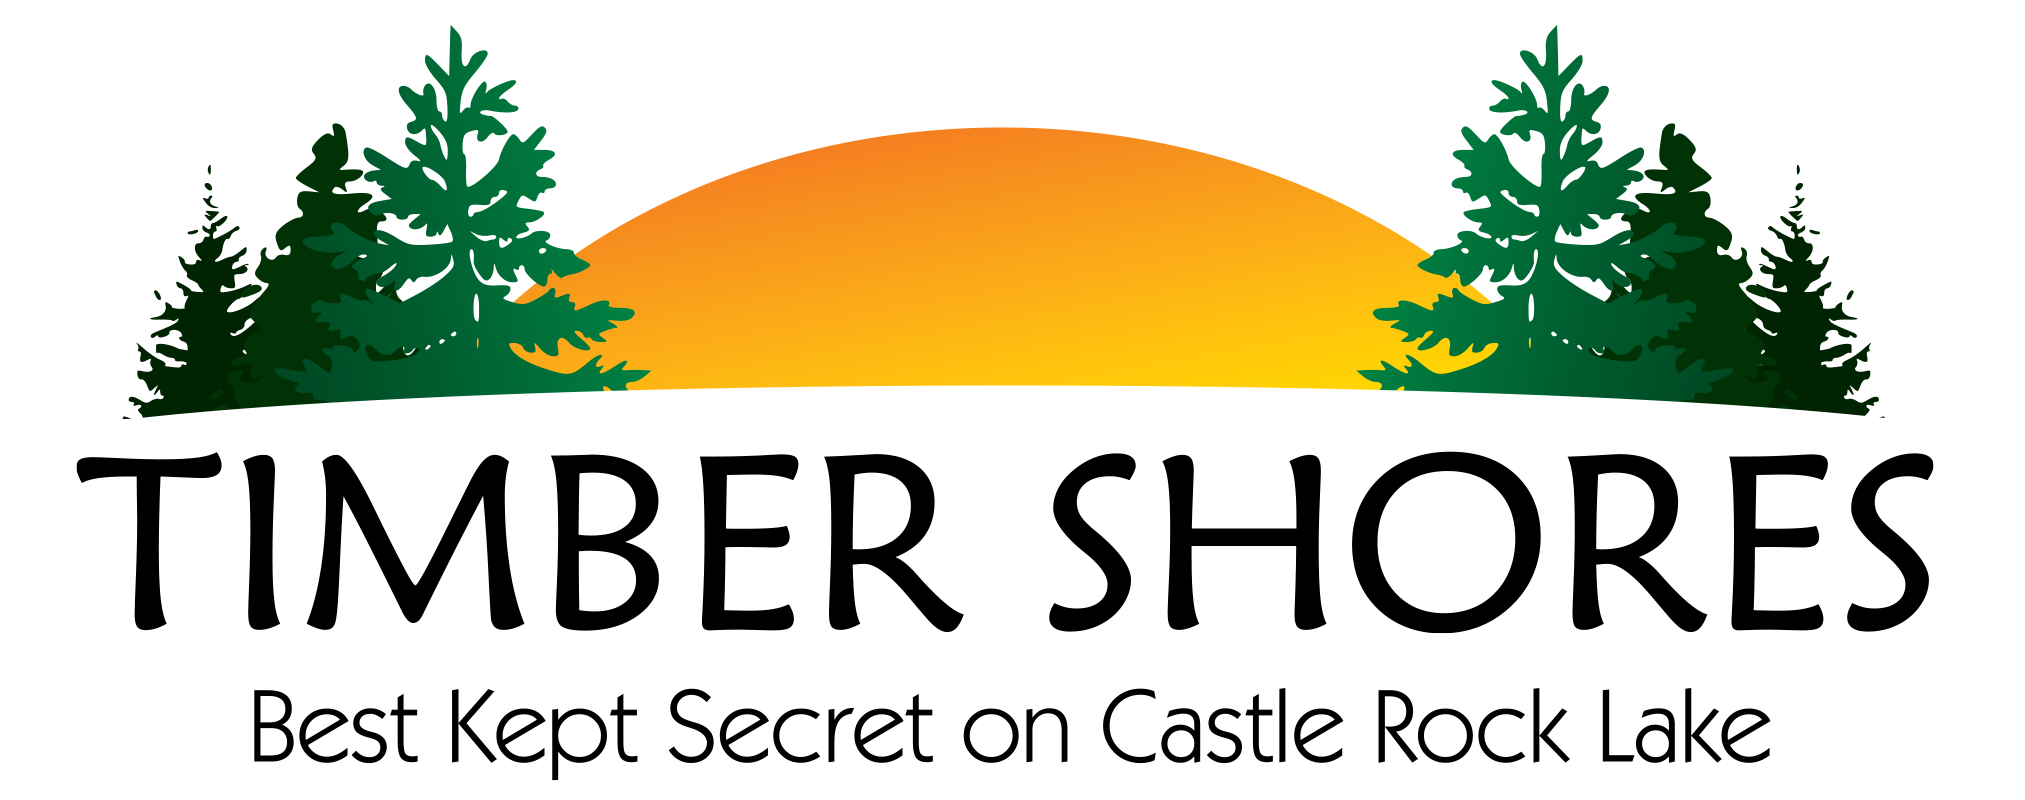 TimberShores_Logo_Black_Tagline.png